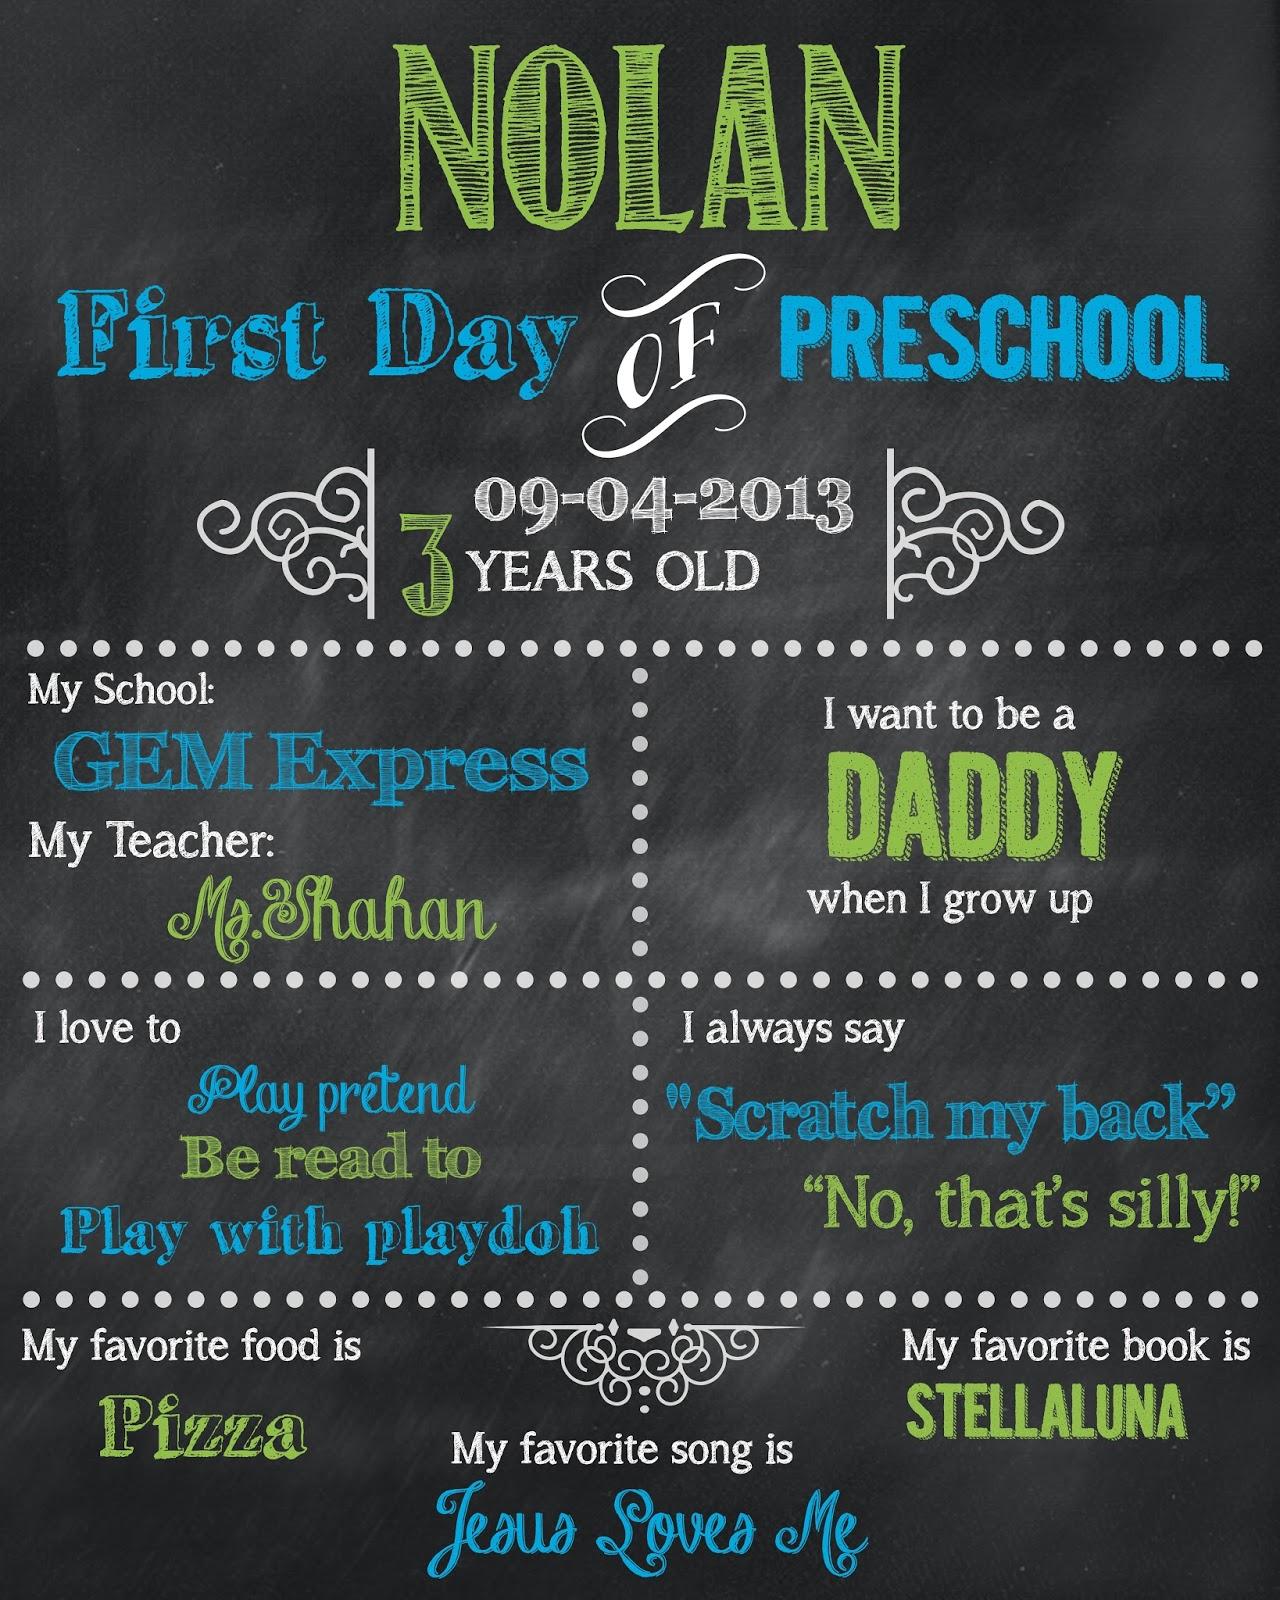 FirstDayofSchool Nolan - When Does Kindergarten Start